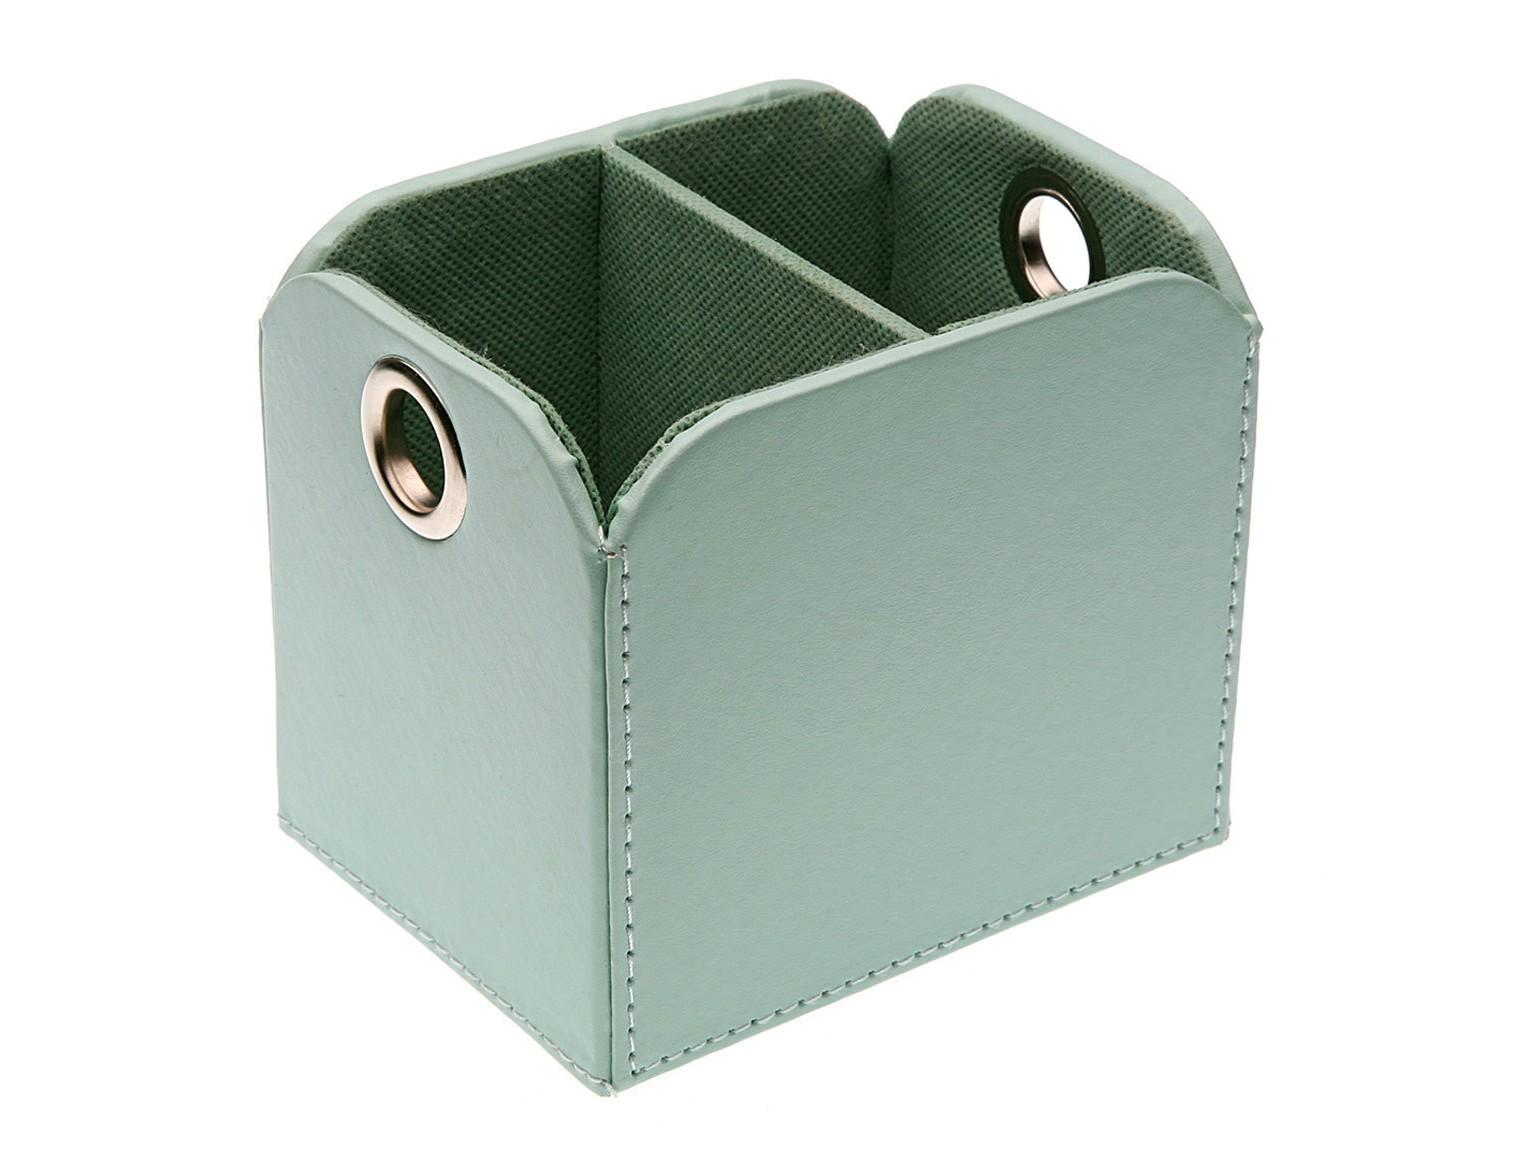 Короб для мелочейКоробки<br><br><br>kit: None<br>gender: None